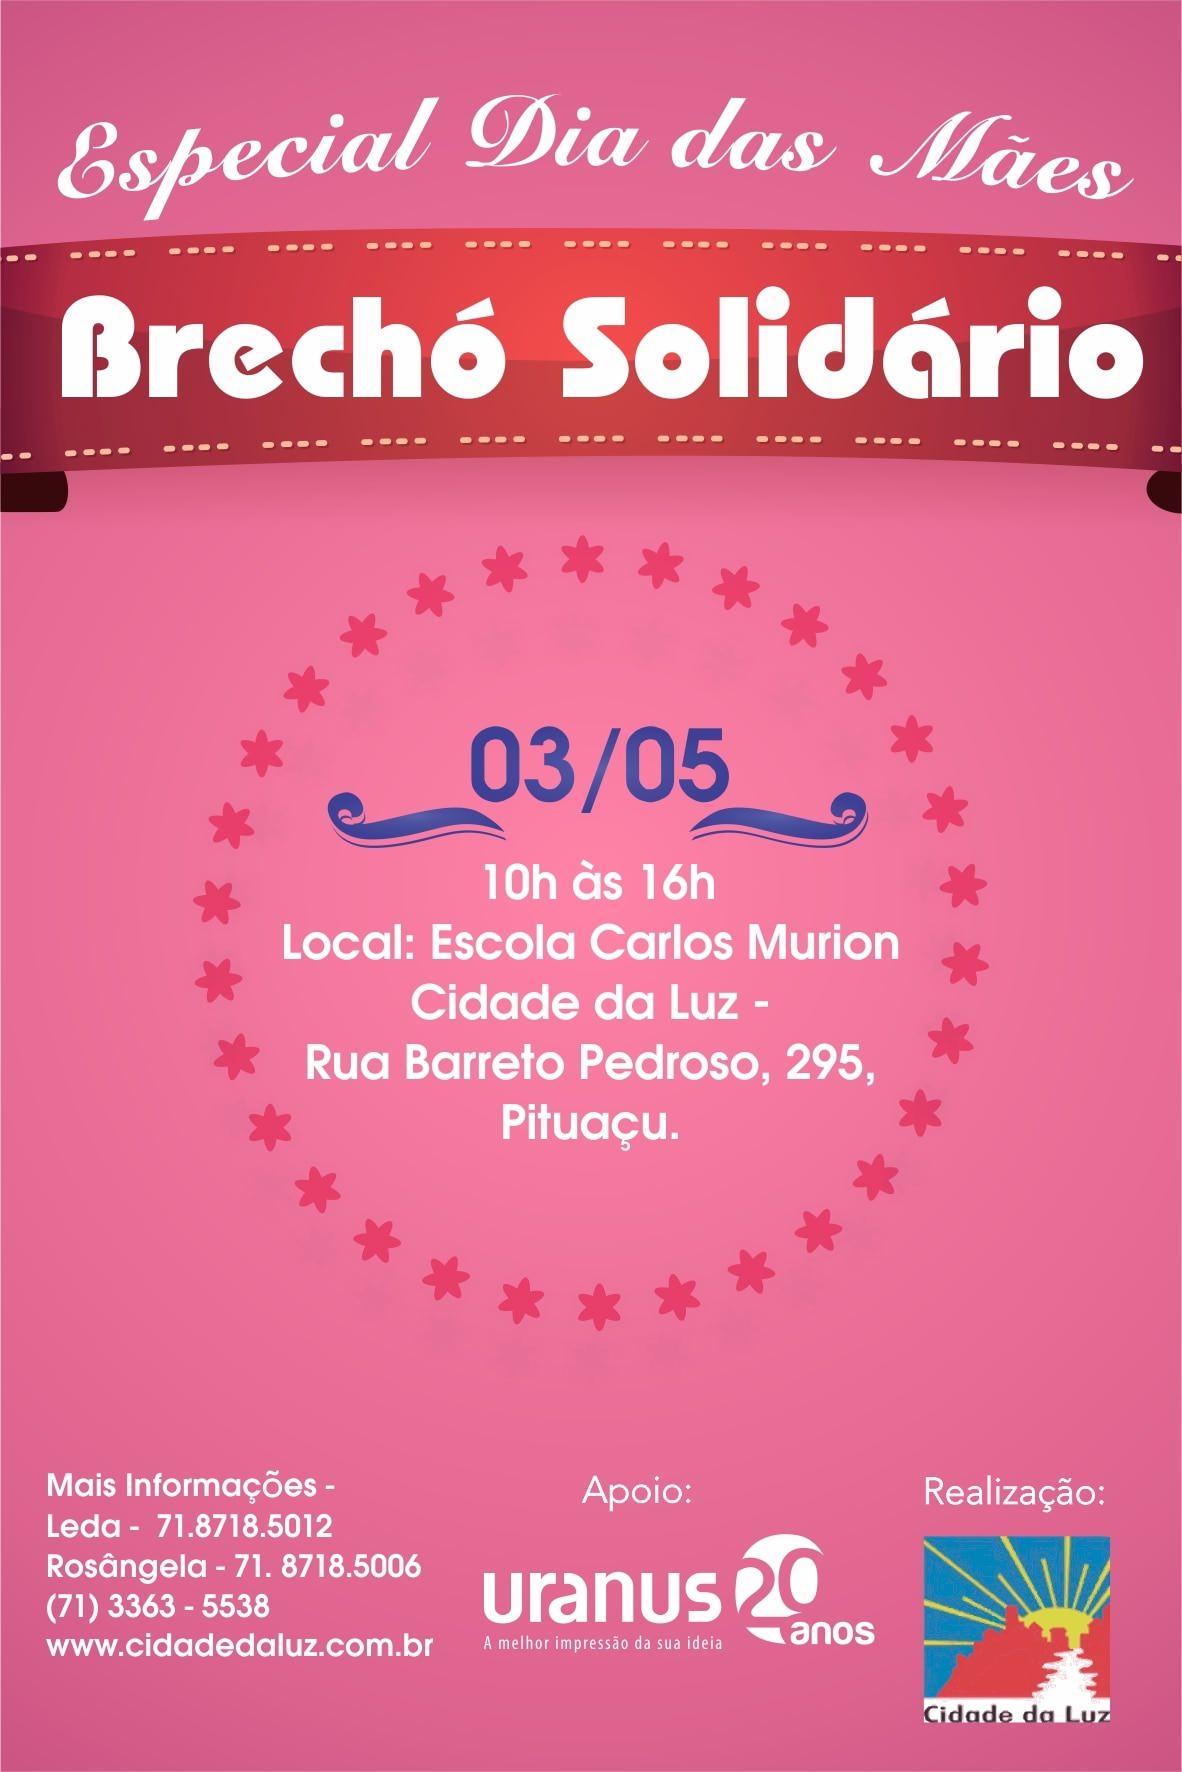 Brechó Solidário Dia das Mães